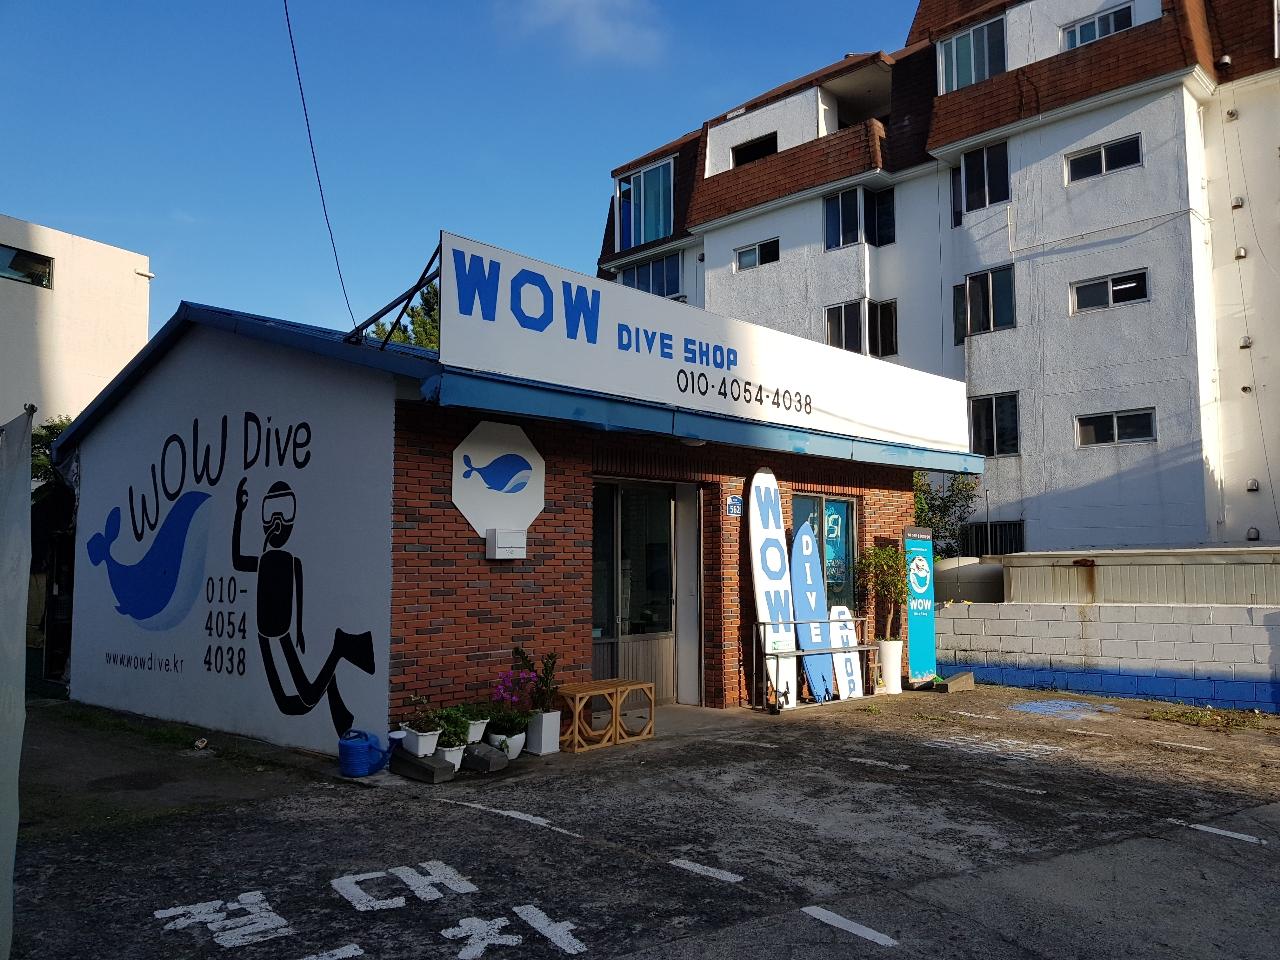 Wow Dive Shop